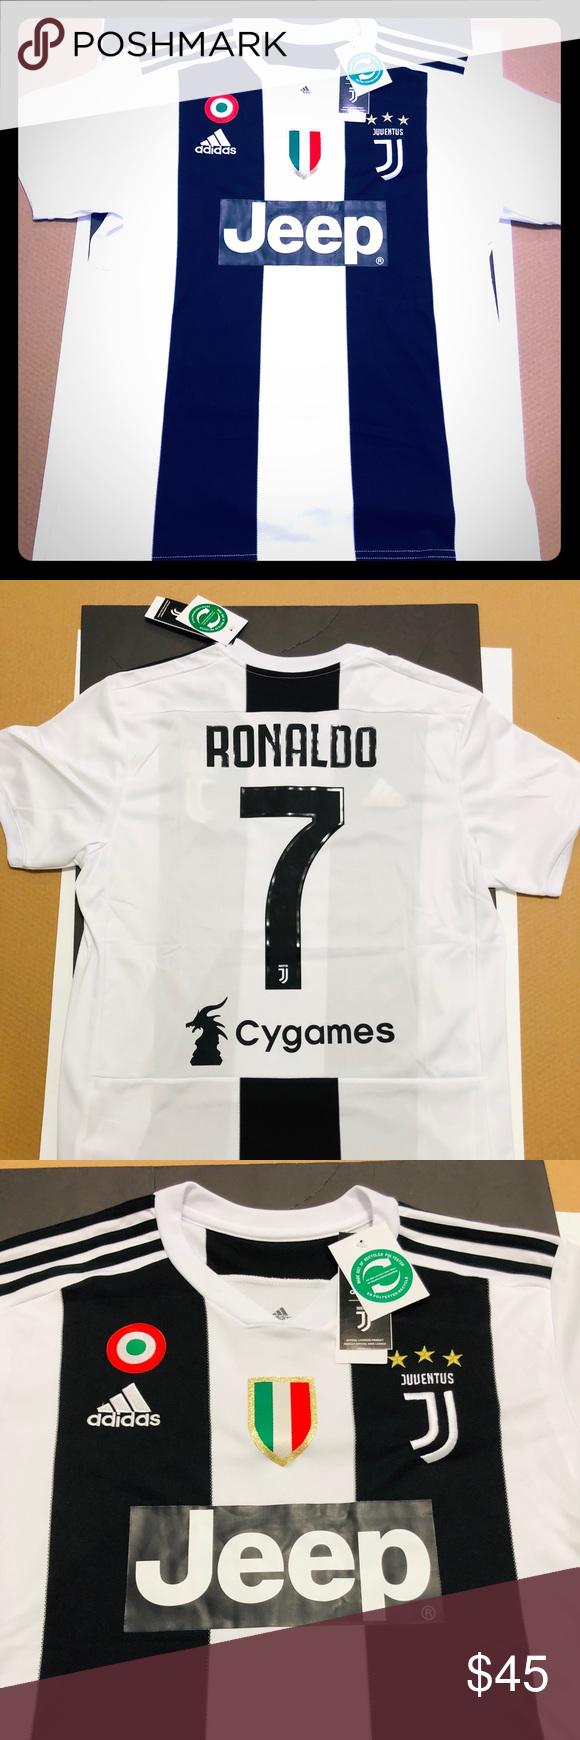 08d37e50243 ... top quality home juventus ronaldo soccer jersey 7 2018 juventus home soccer  jersey 4040a 28860